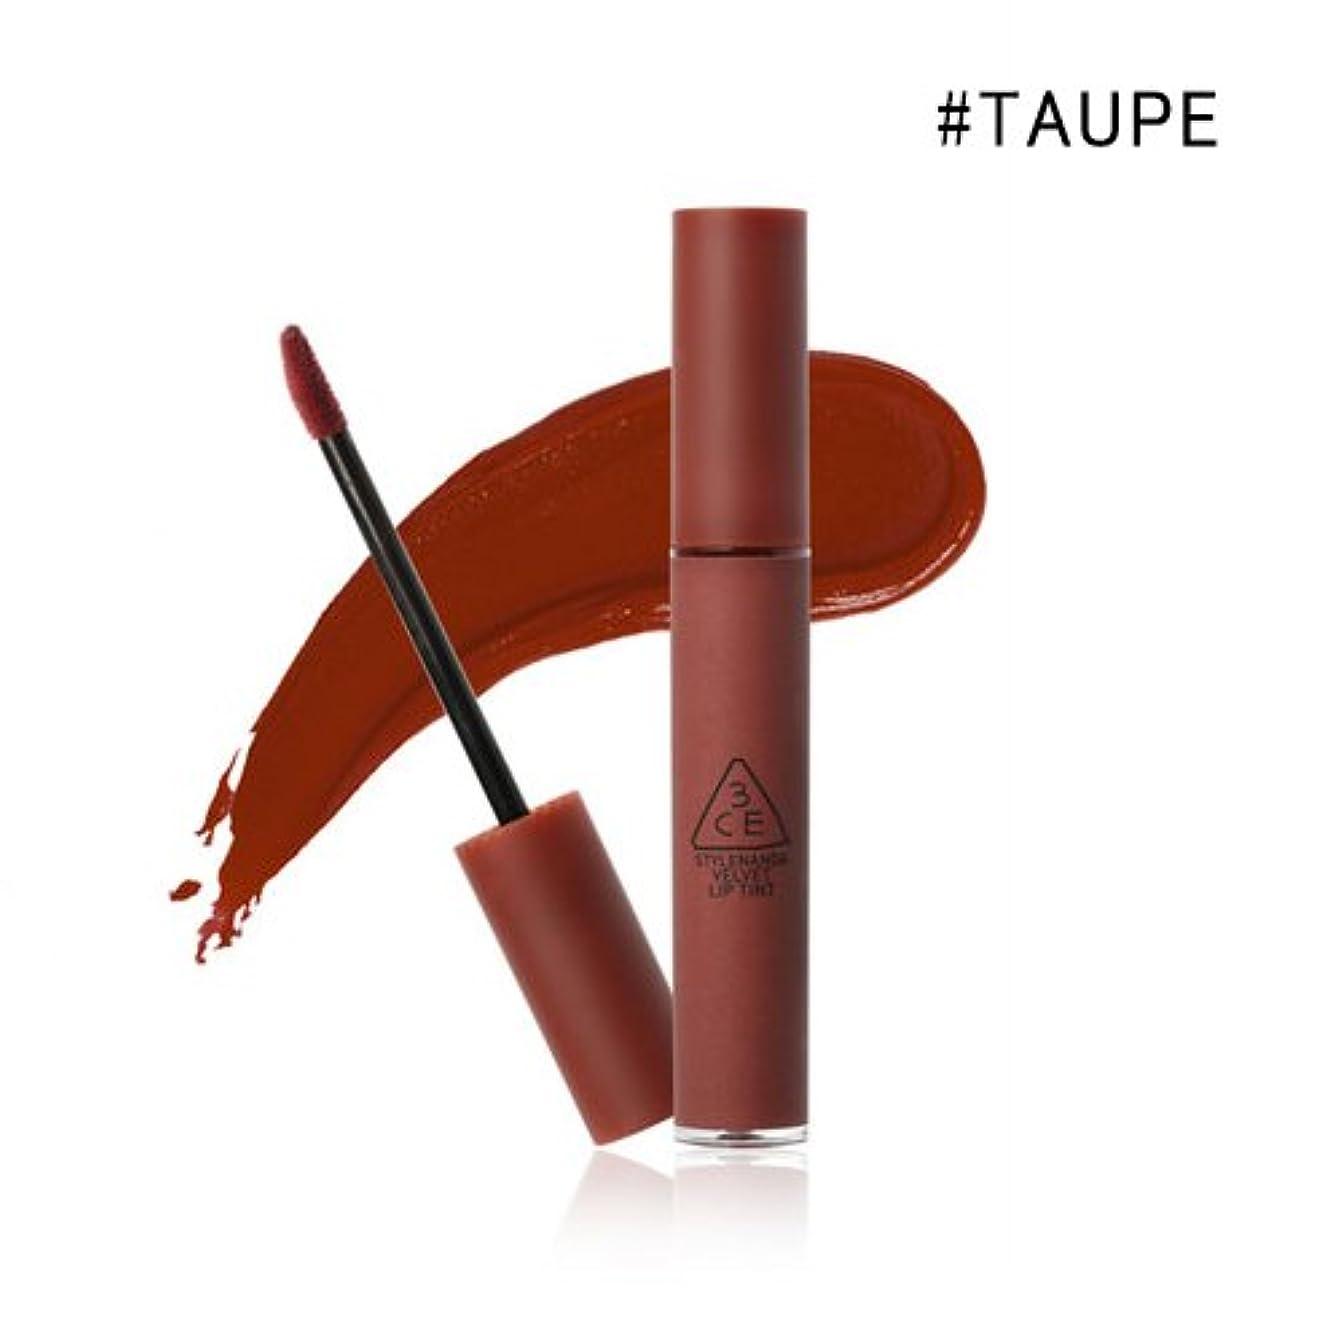 テーマ悲観的騒ぎ3CE VELVET LIP TINT / ベルベット リップティント (4.0g) (#TAUPE)